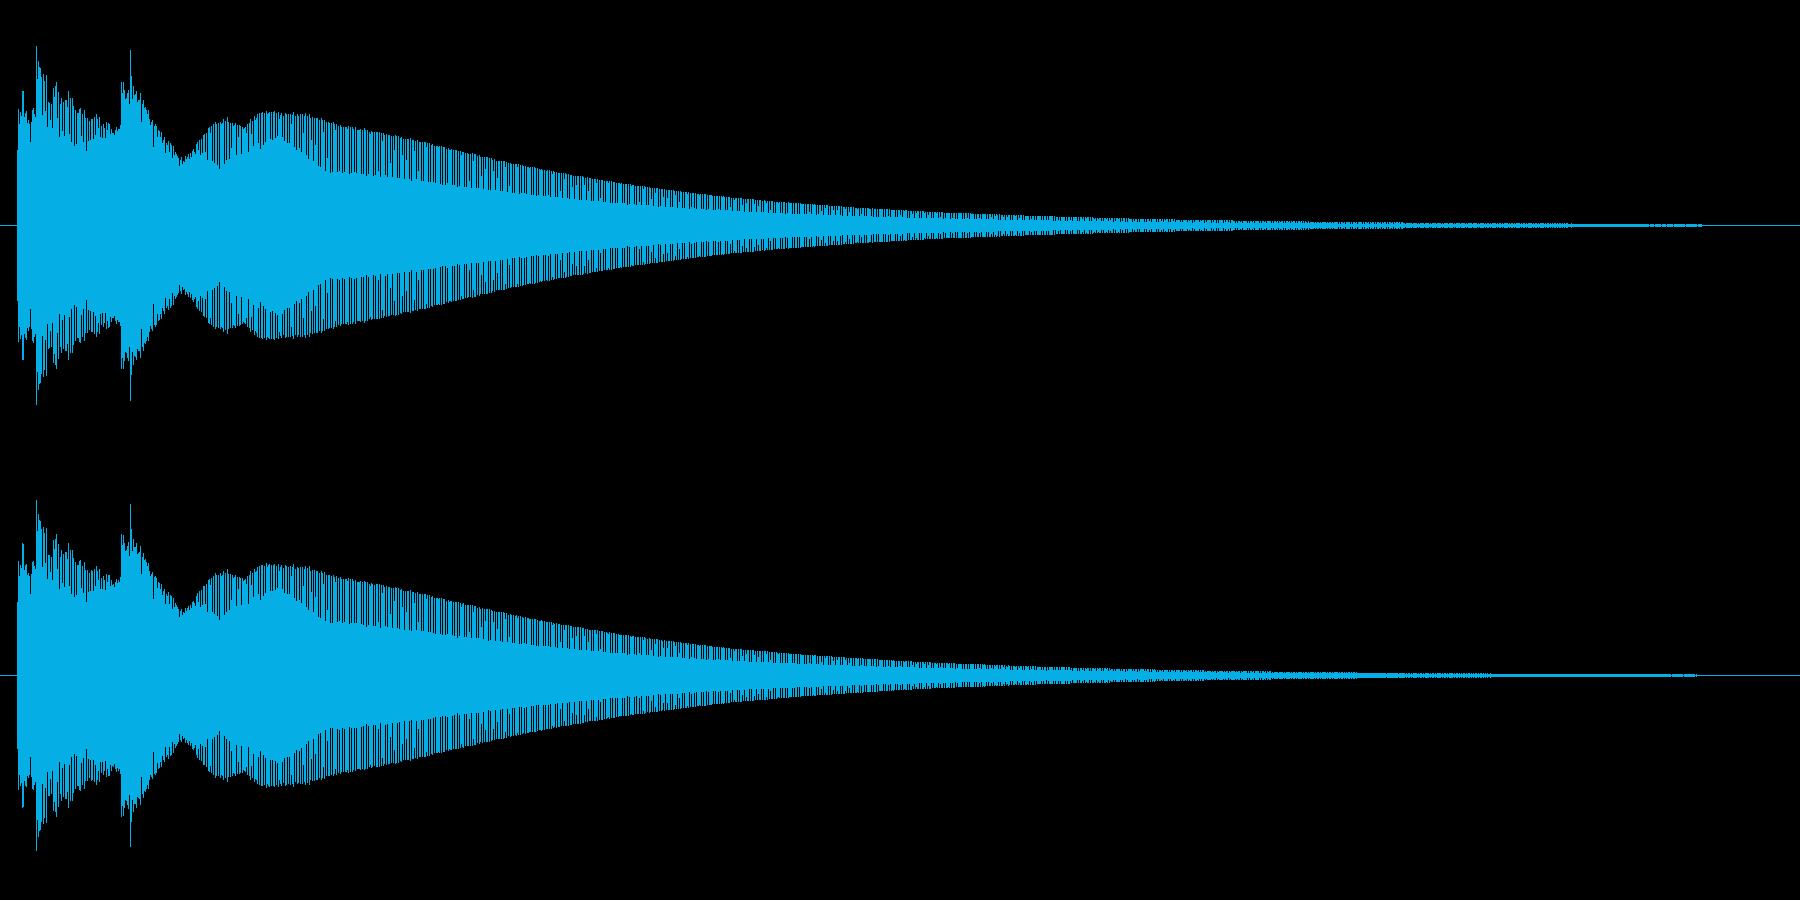 キラーン(綺麗で高音、鐘が鳴るような音)の再生済みの波形